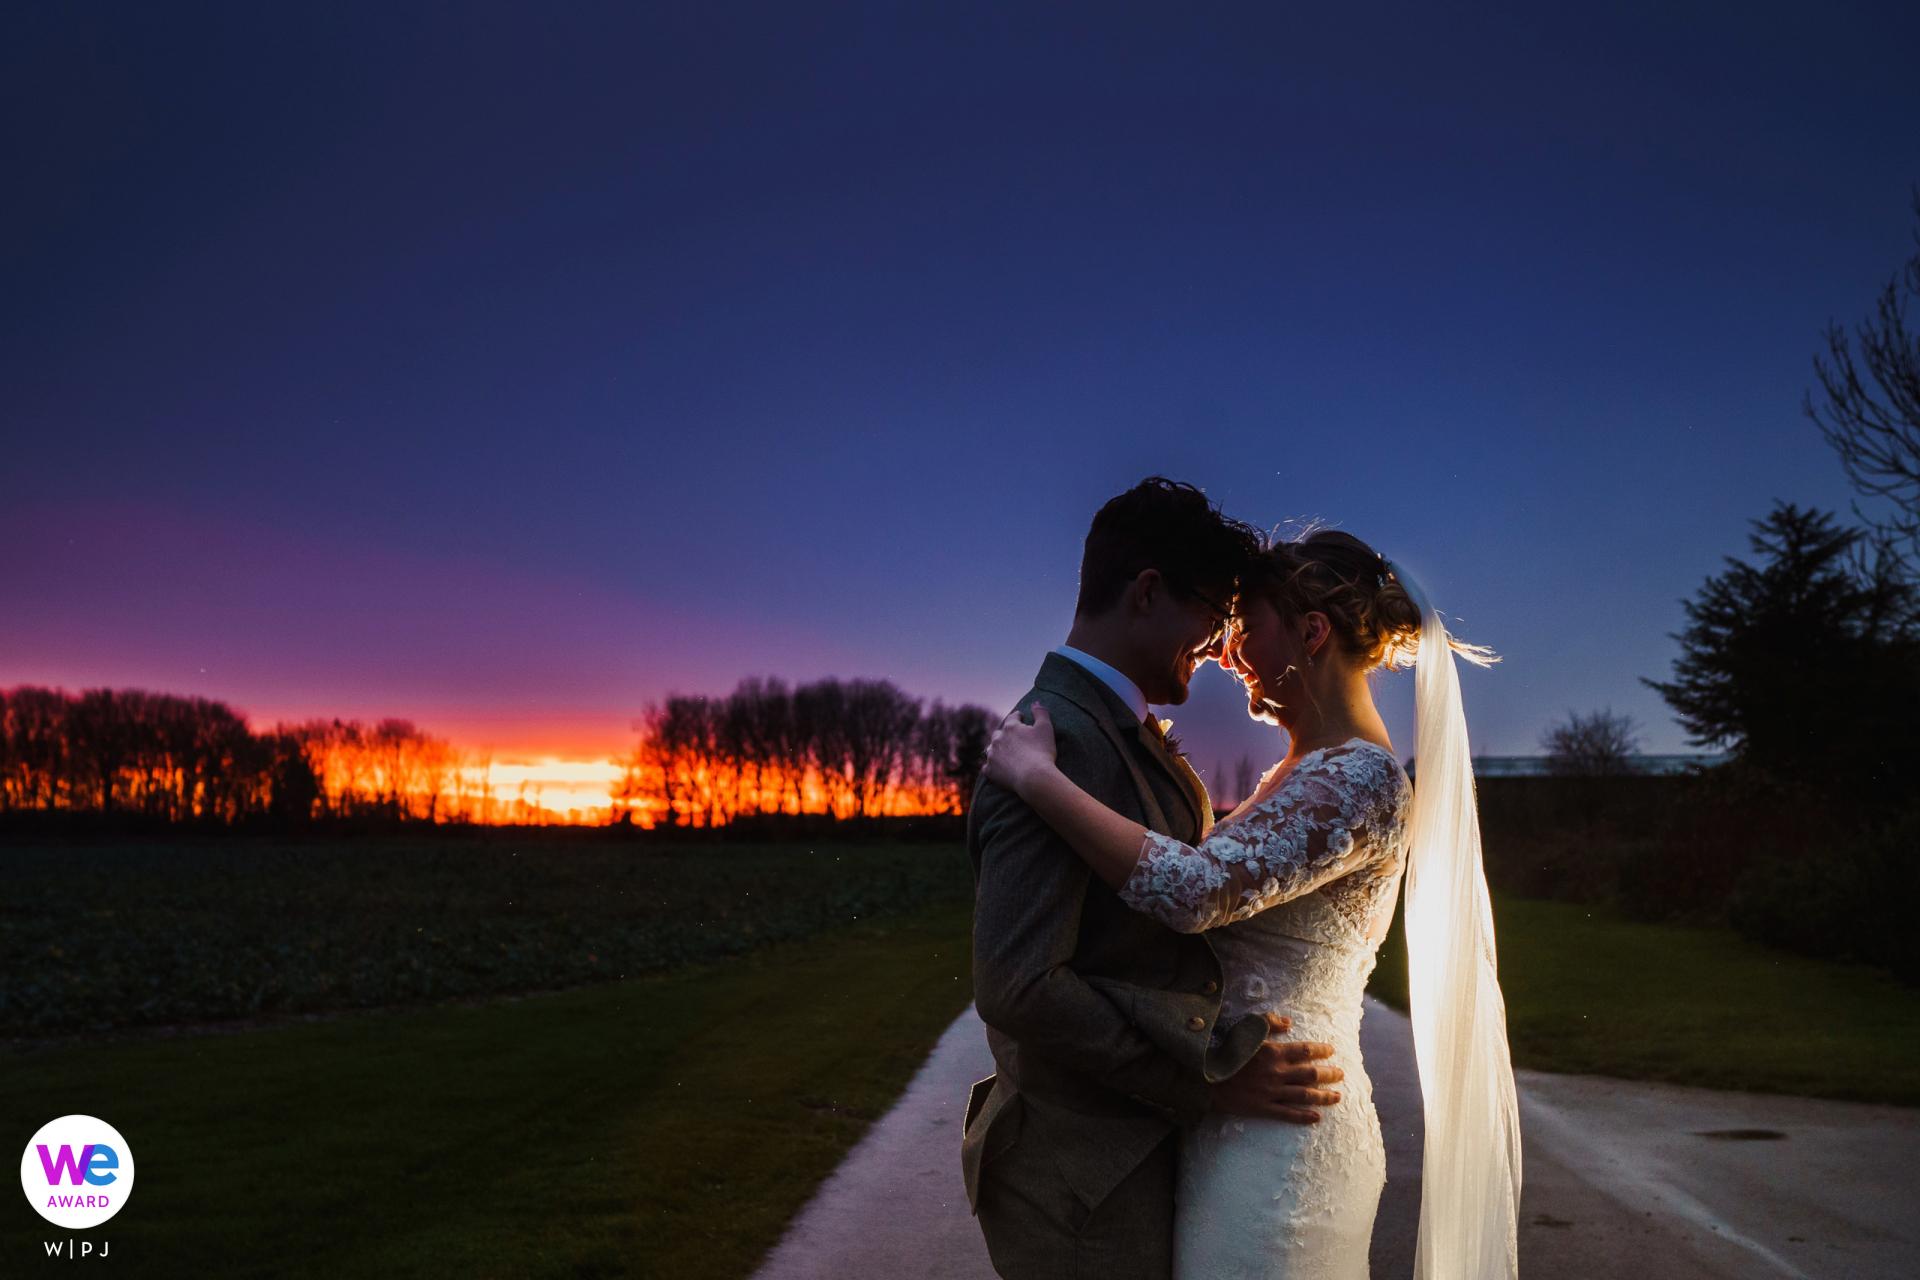 Granero Foto del lugar de la boda - Cambridgeshire, Bassmead Manor Barns | en la última luz del día después de su boda, justo cuando el sol comienza a ponerse